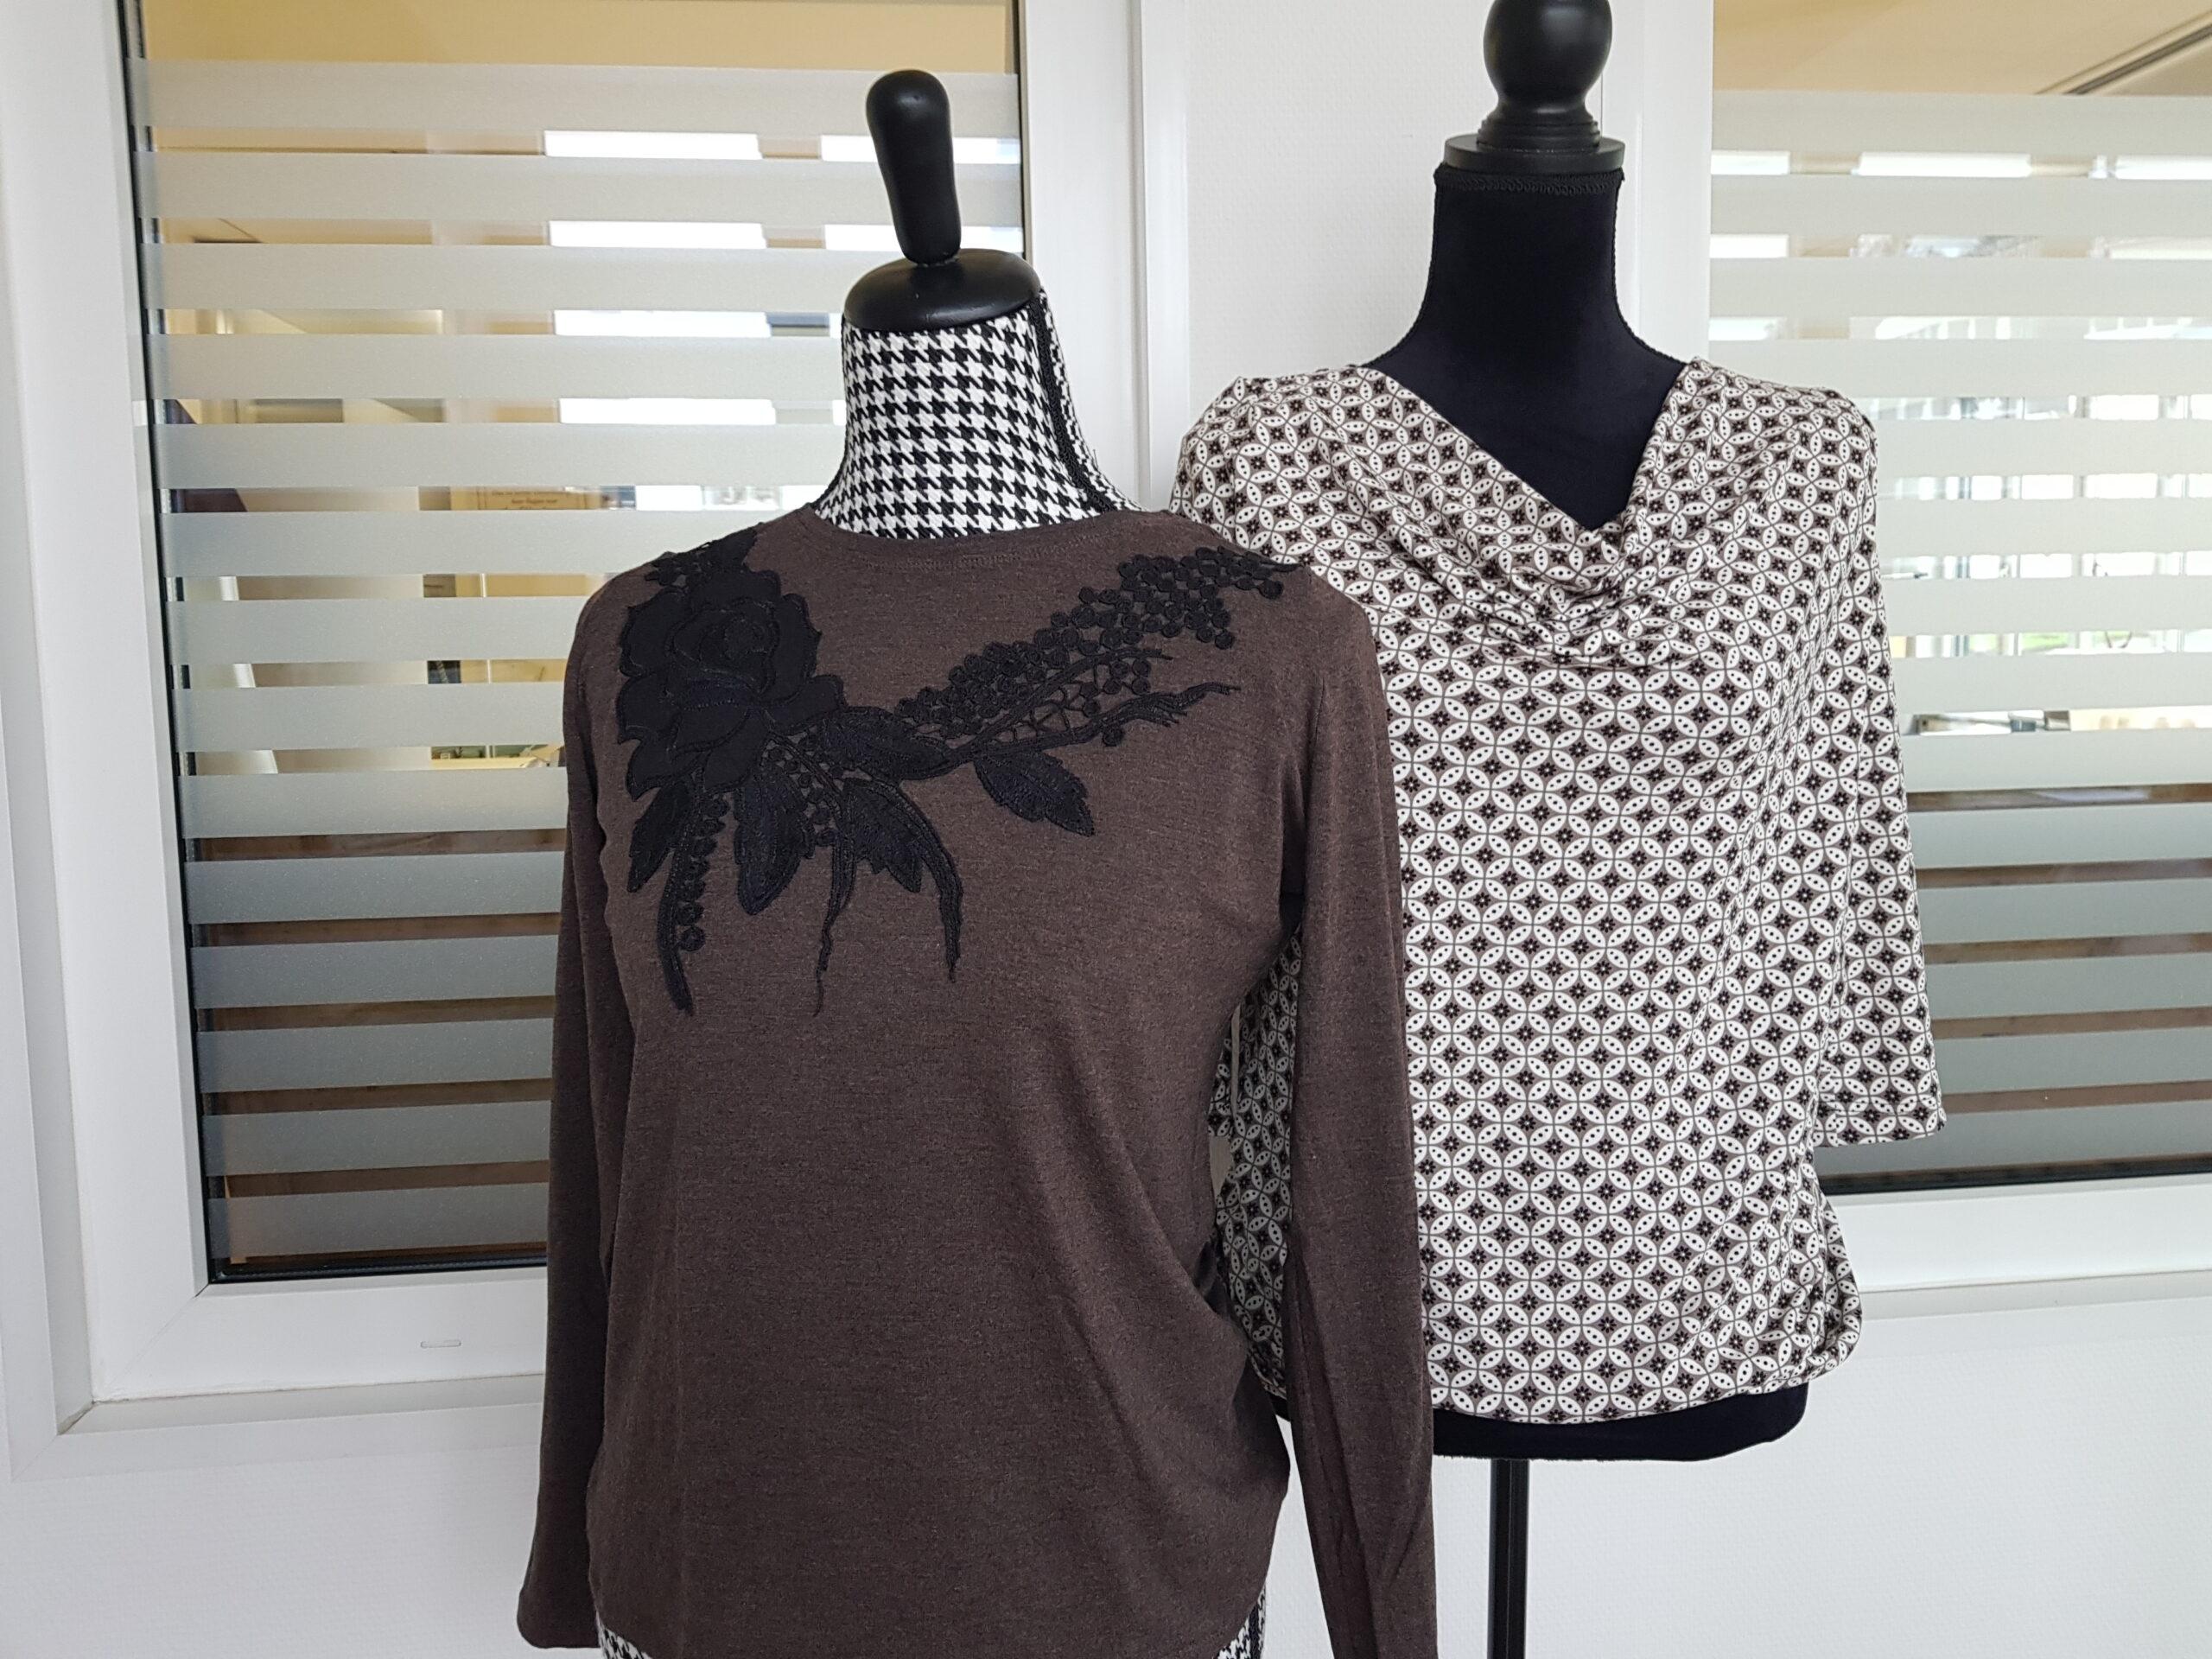 Modedesign und Schnitt